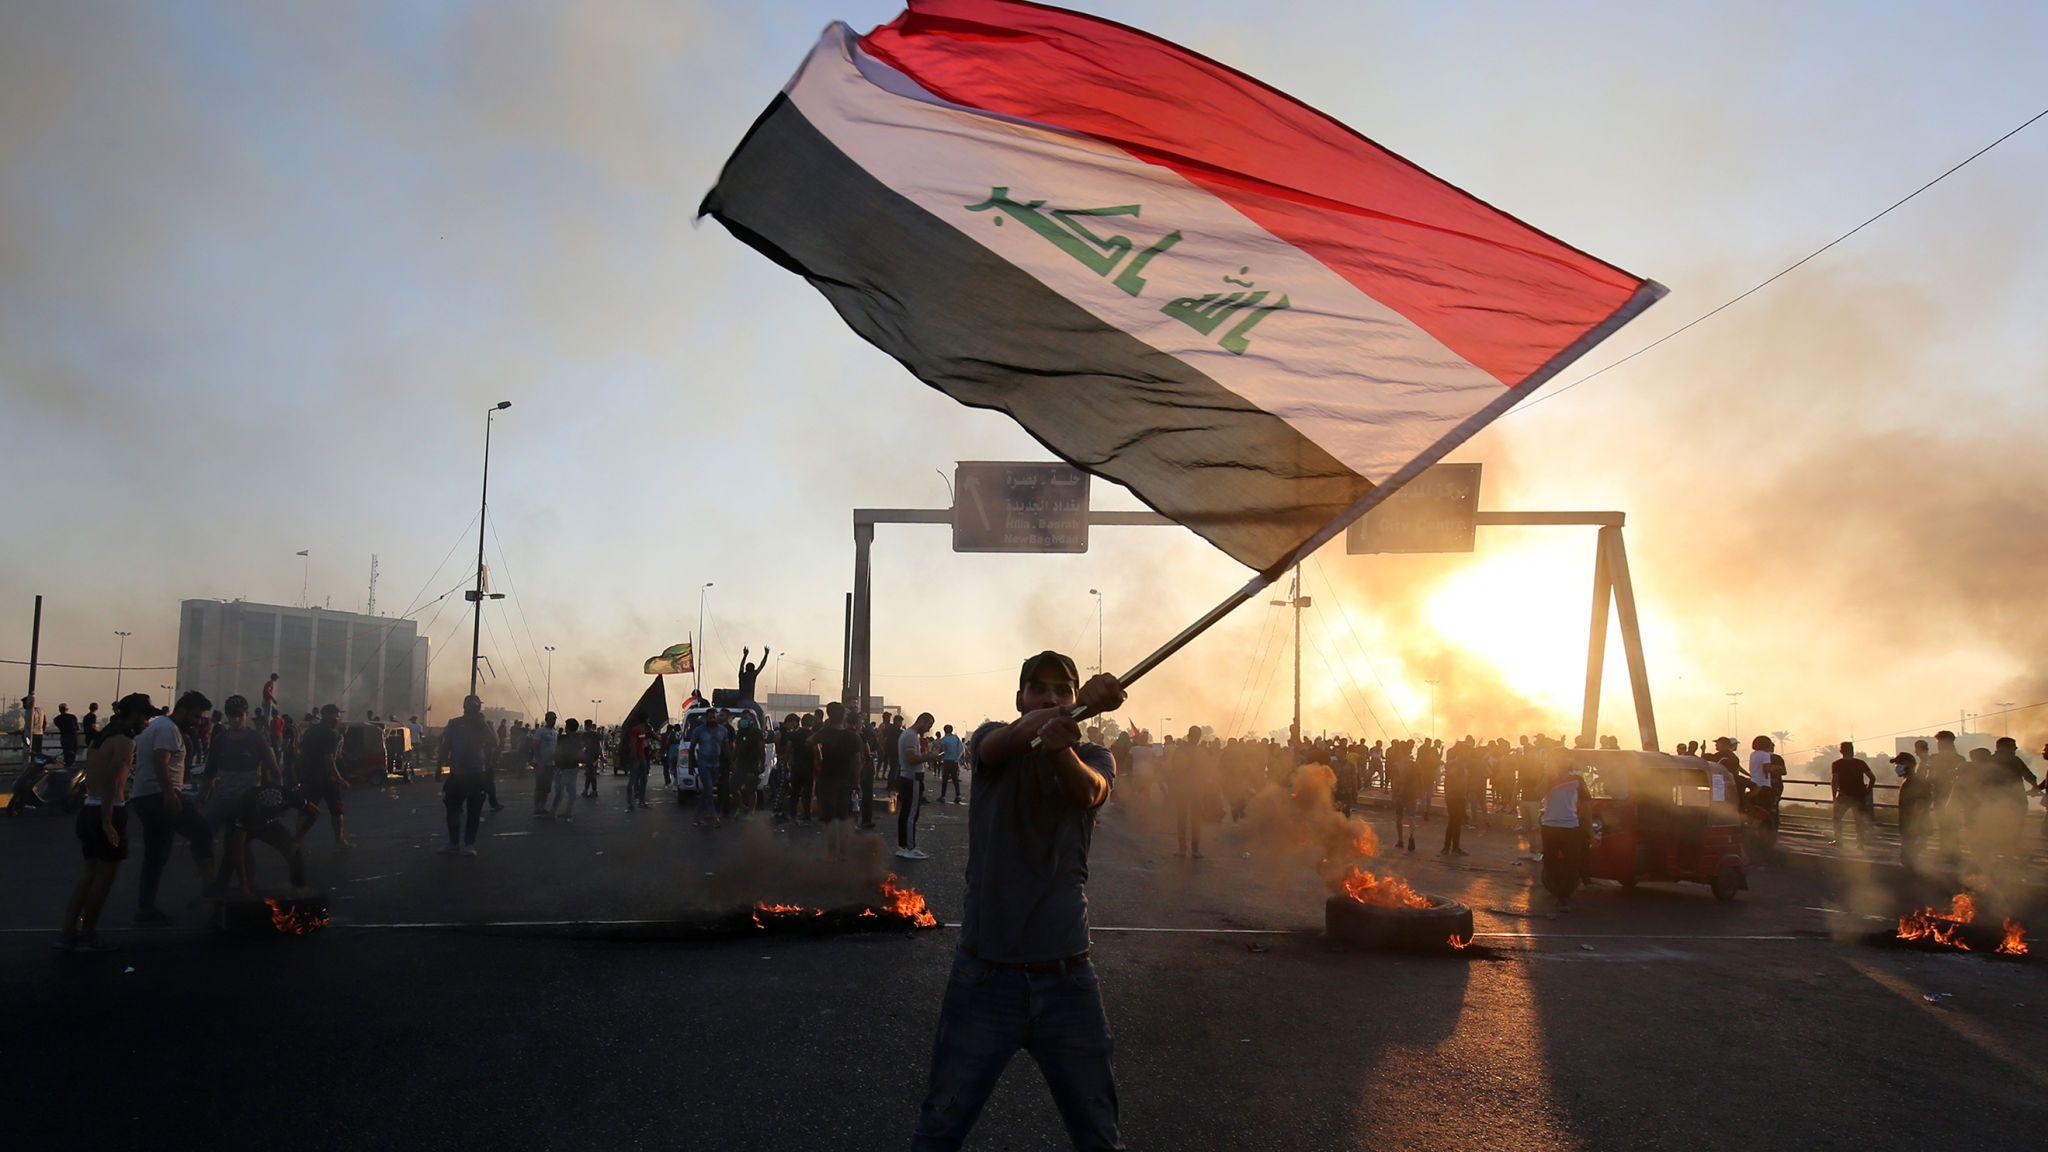 Irak'ta 'milyonluk gösteriye' katılın çağrısı